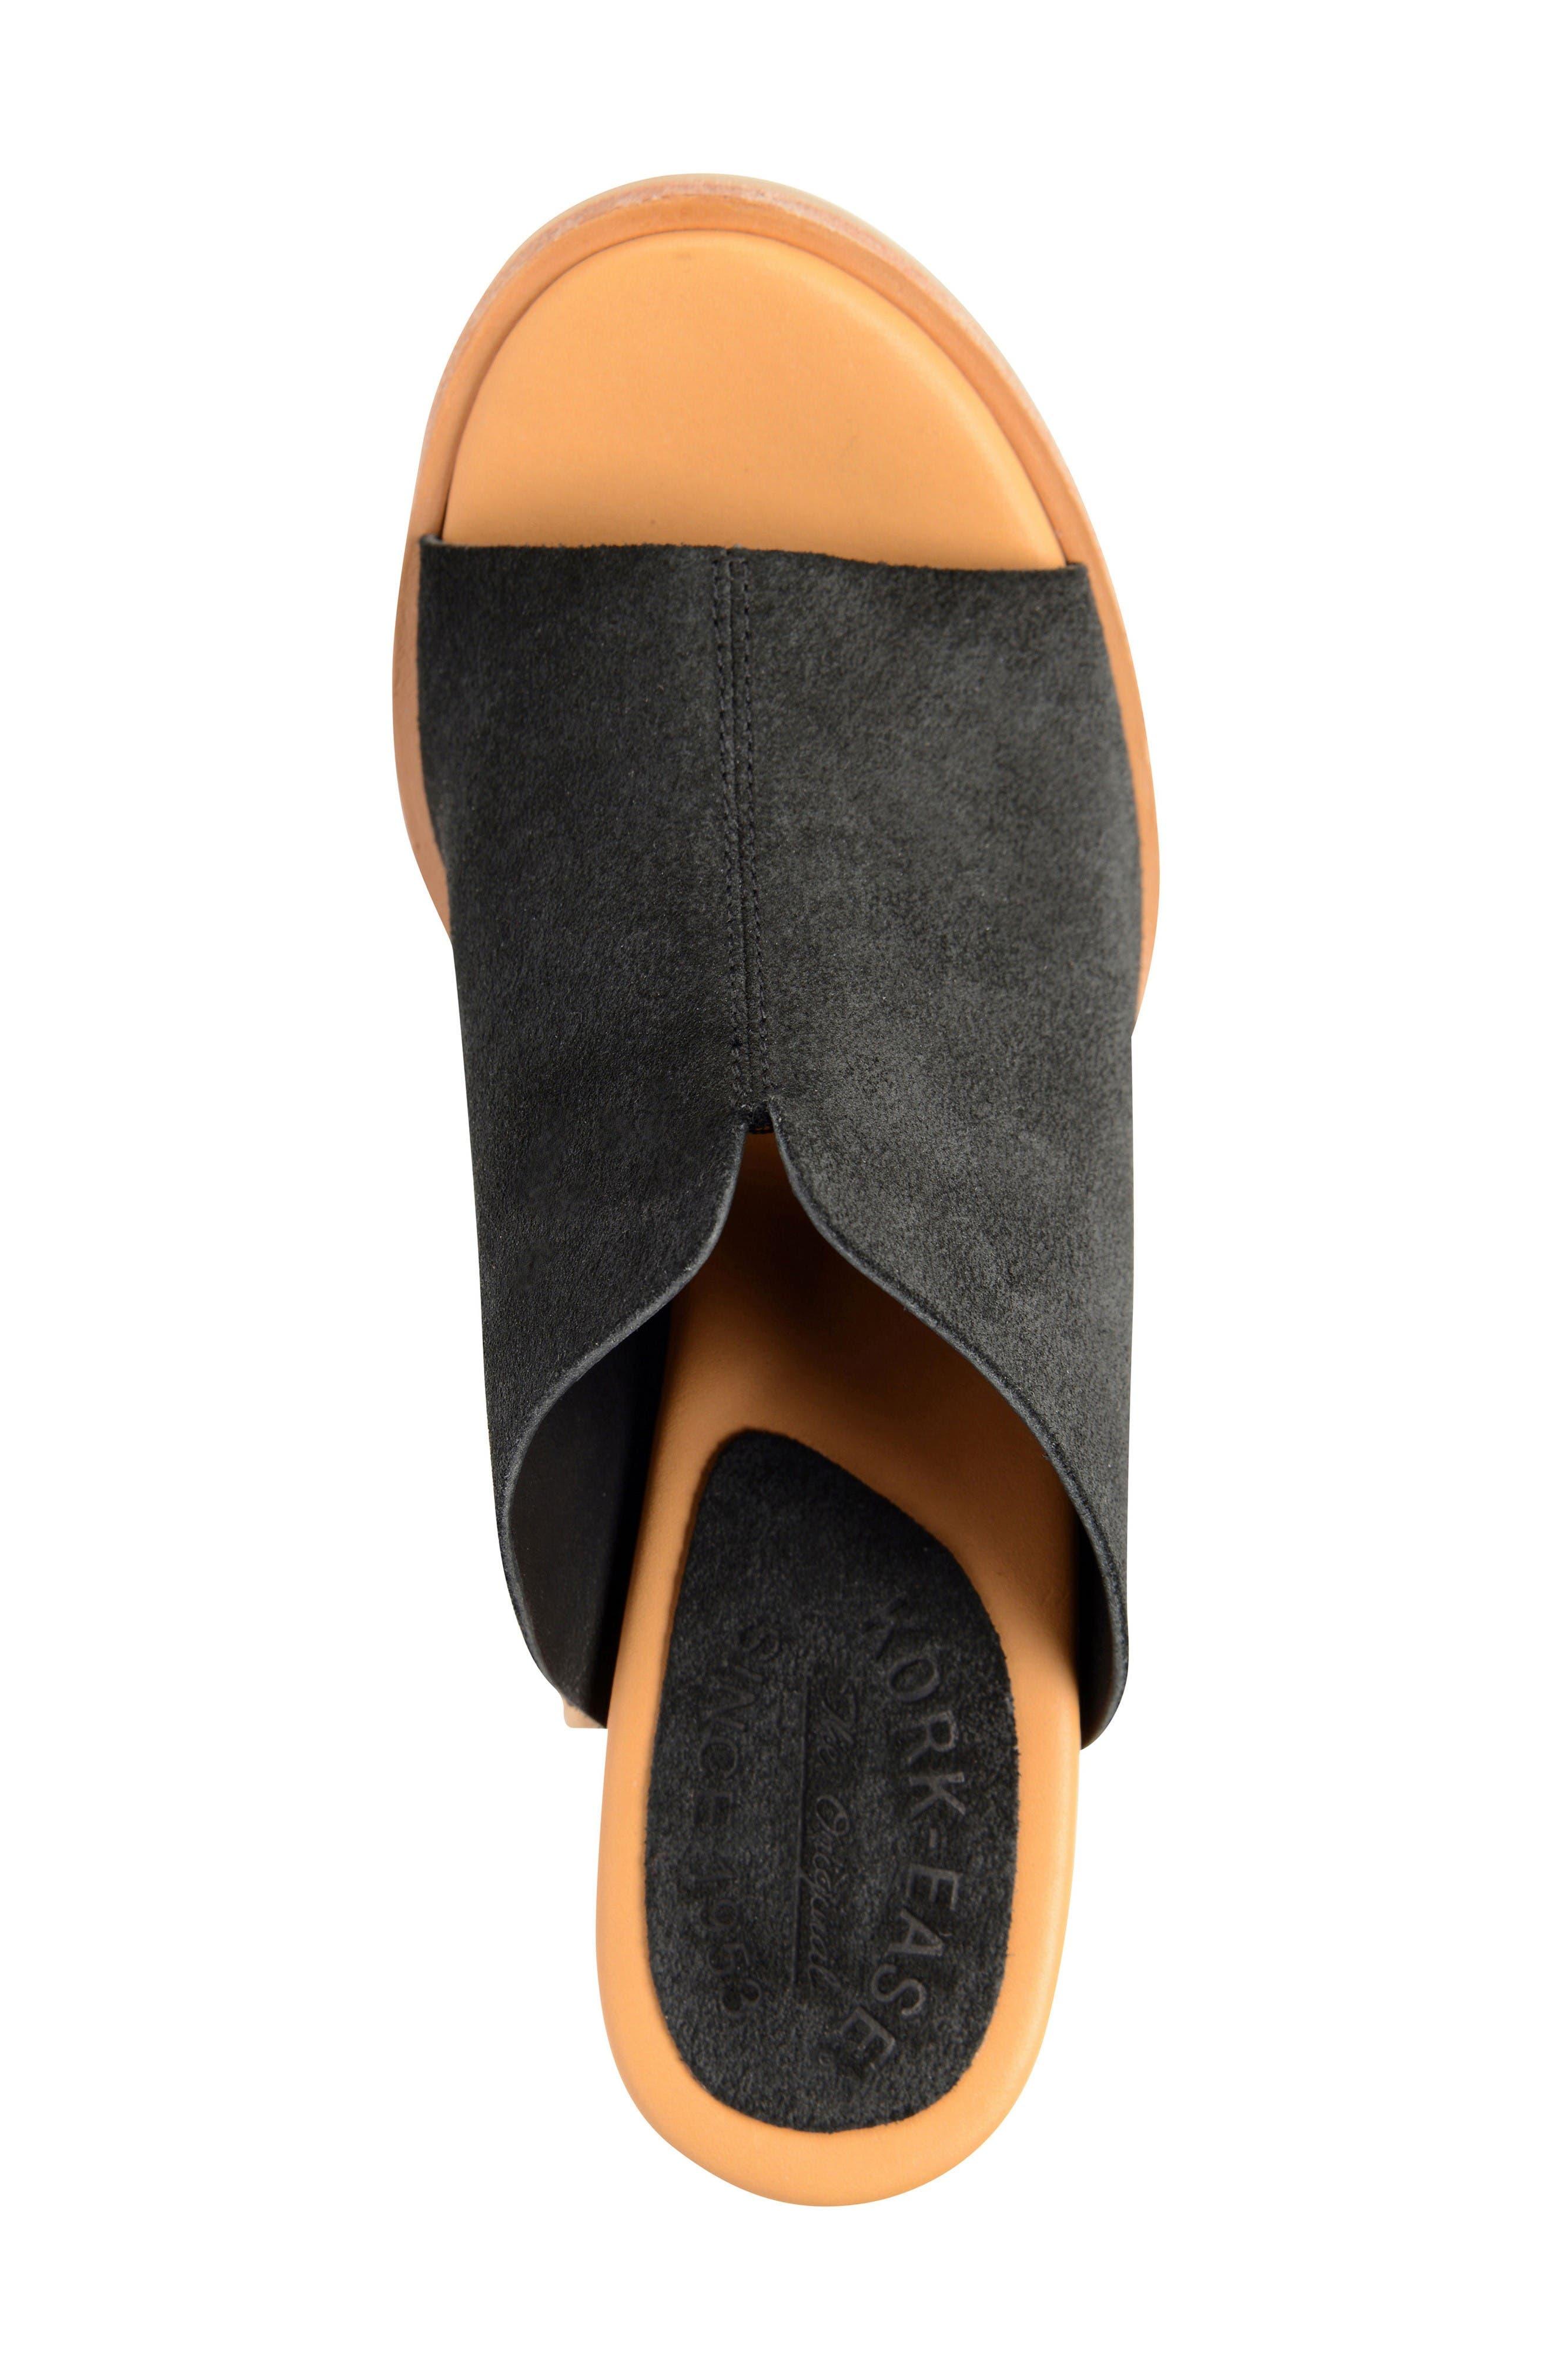 Lawton Sandal,                             Alternate thumbnail 3, color,                             Black Suede